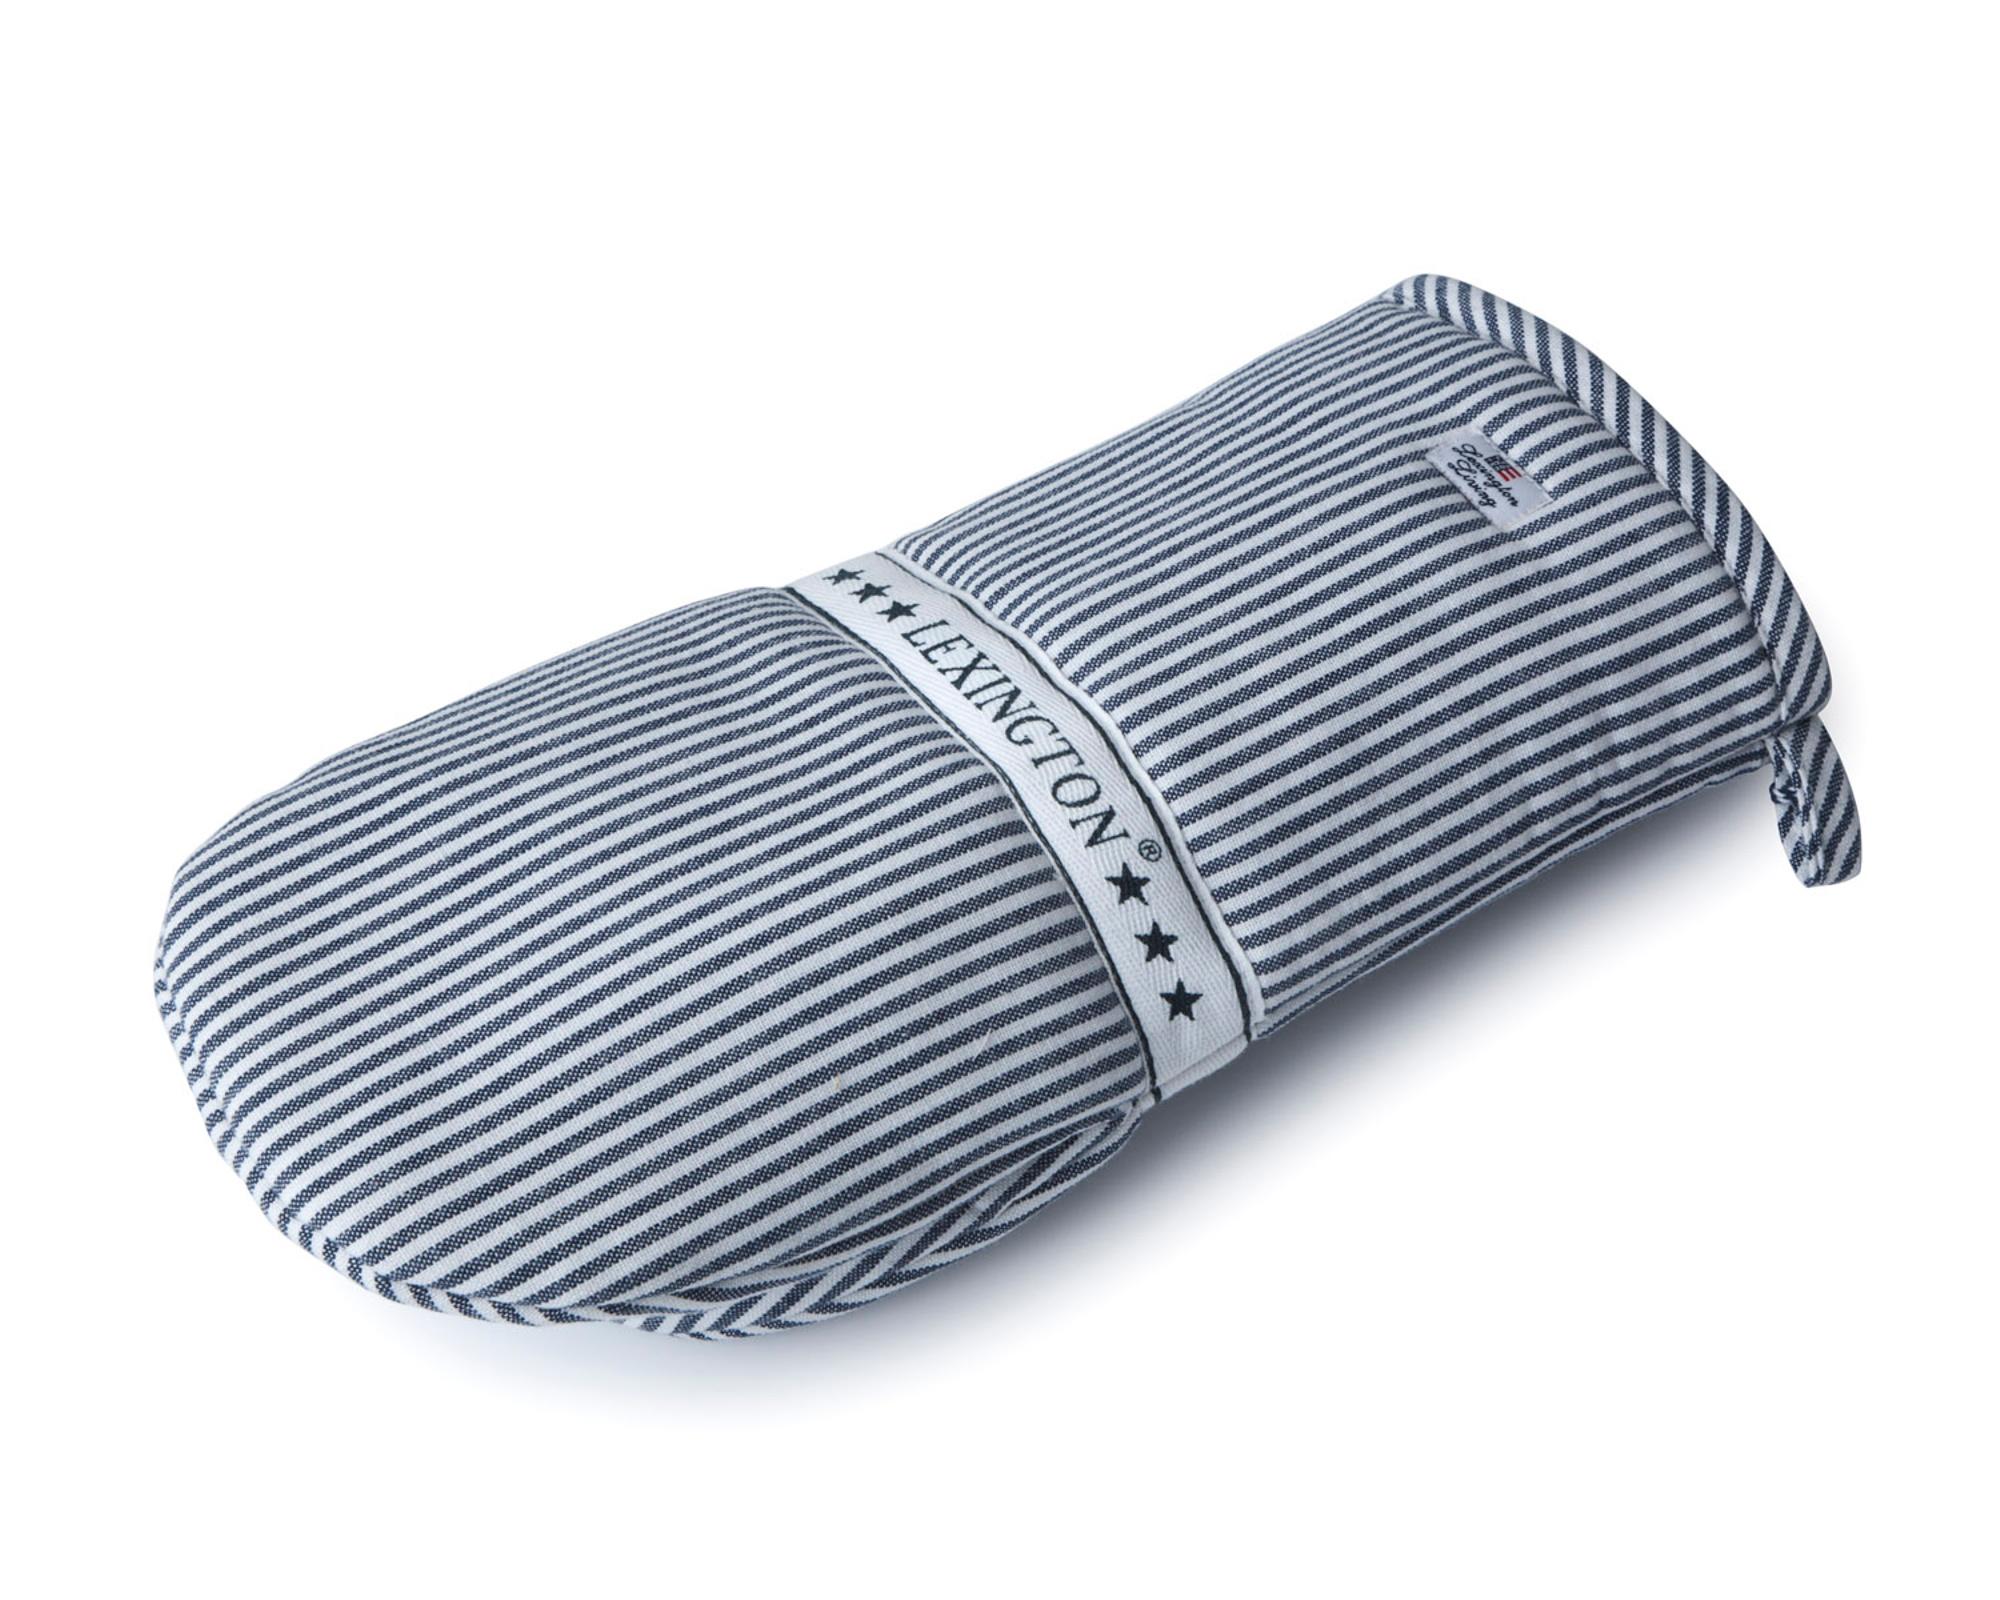 Oxford Striped Mitten